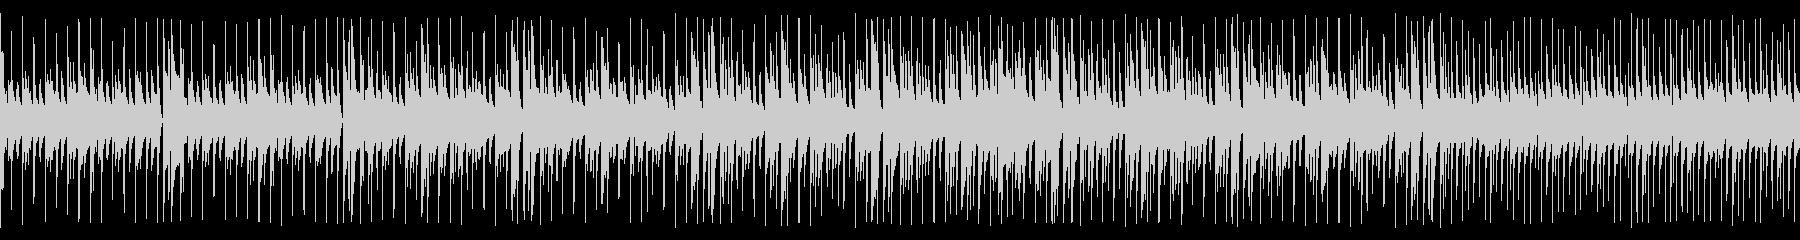 制限時間ありシンキングタイム ループ仕様の未再生の波形